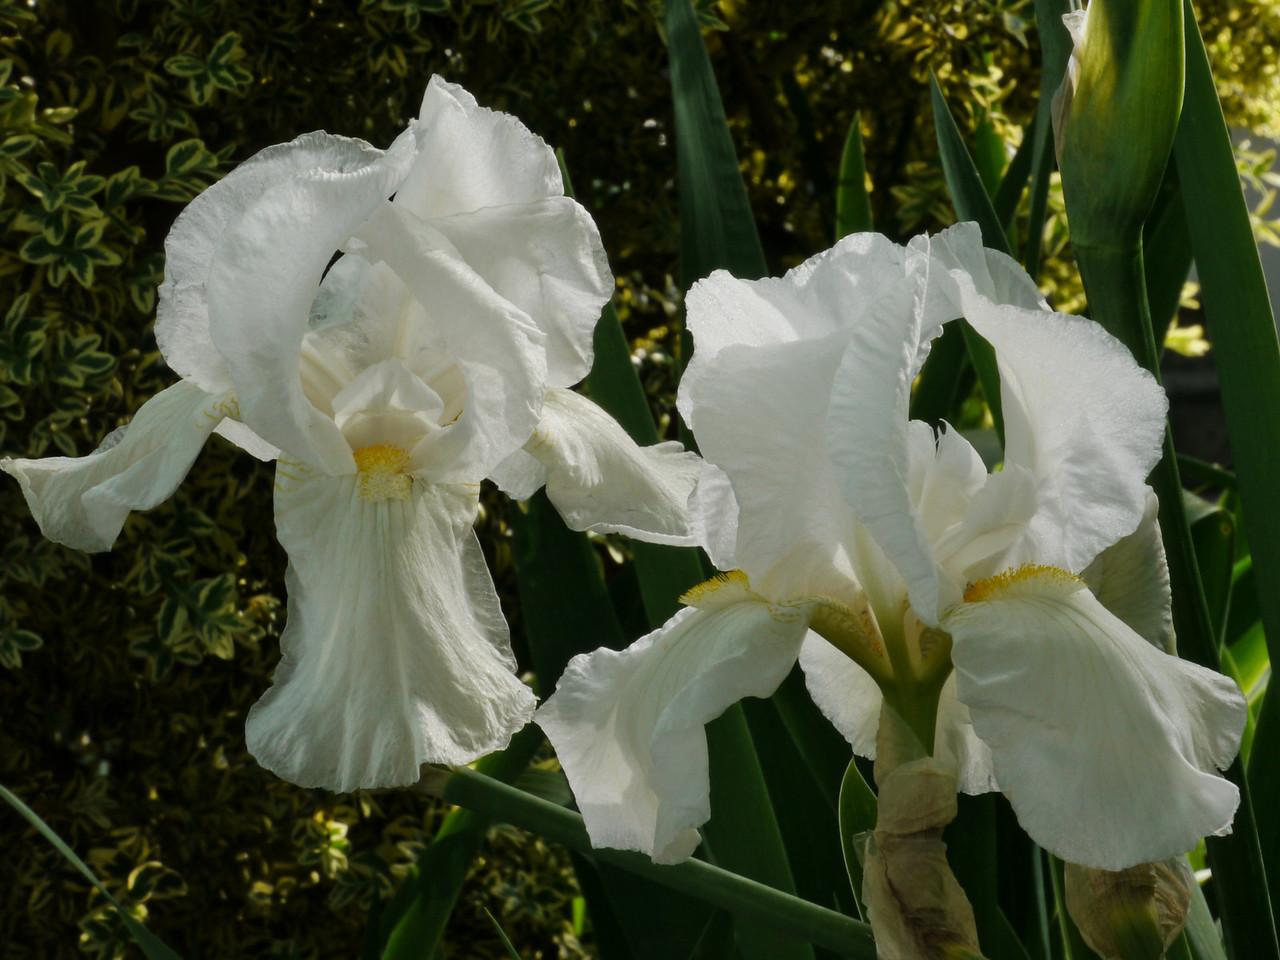 20121018_0842_4055 iris